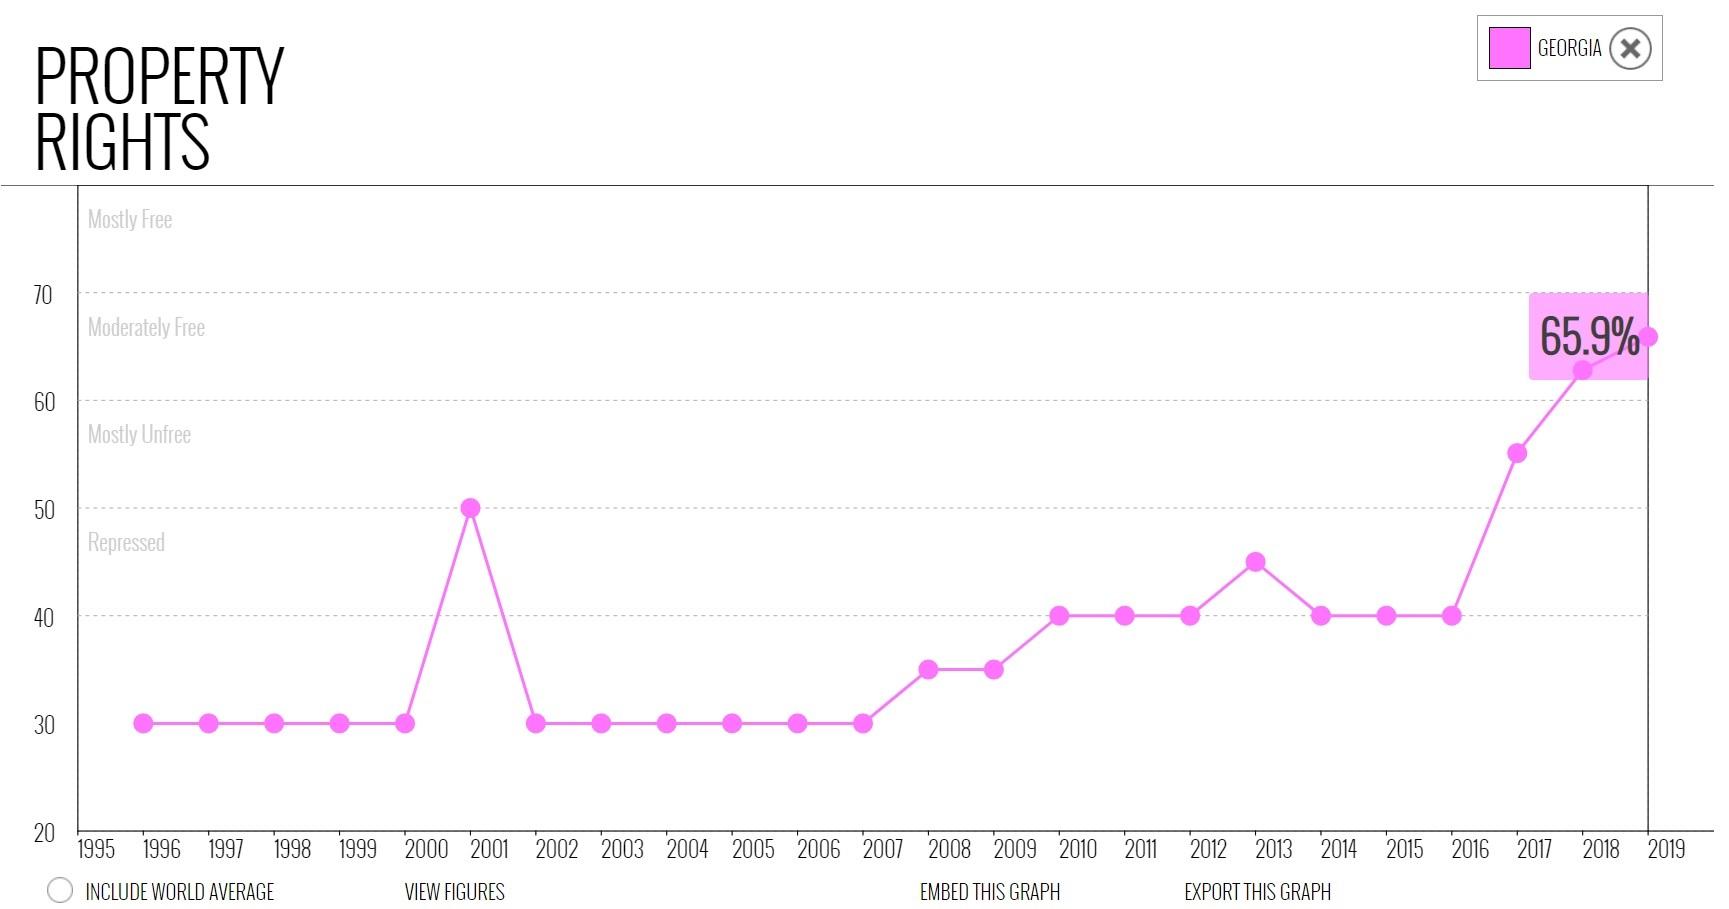 نمودار شاخص آزادی حقوق مالکیت در گرجستان در میان سالهای 1995 تا 2010